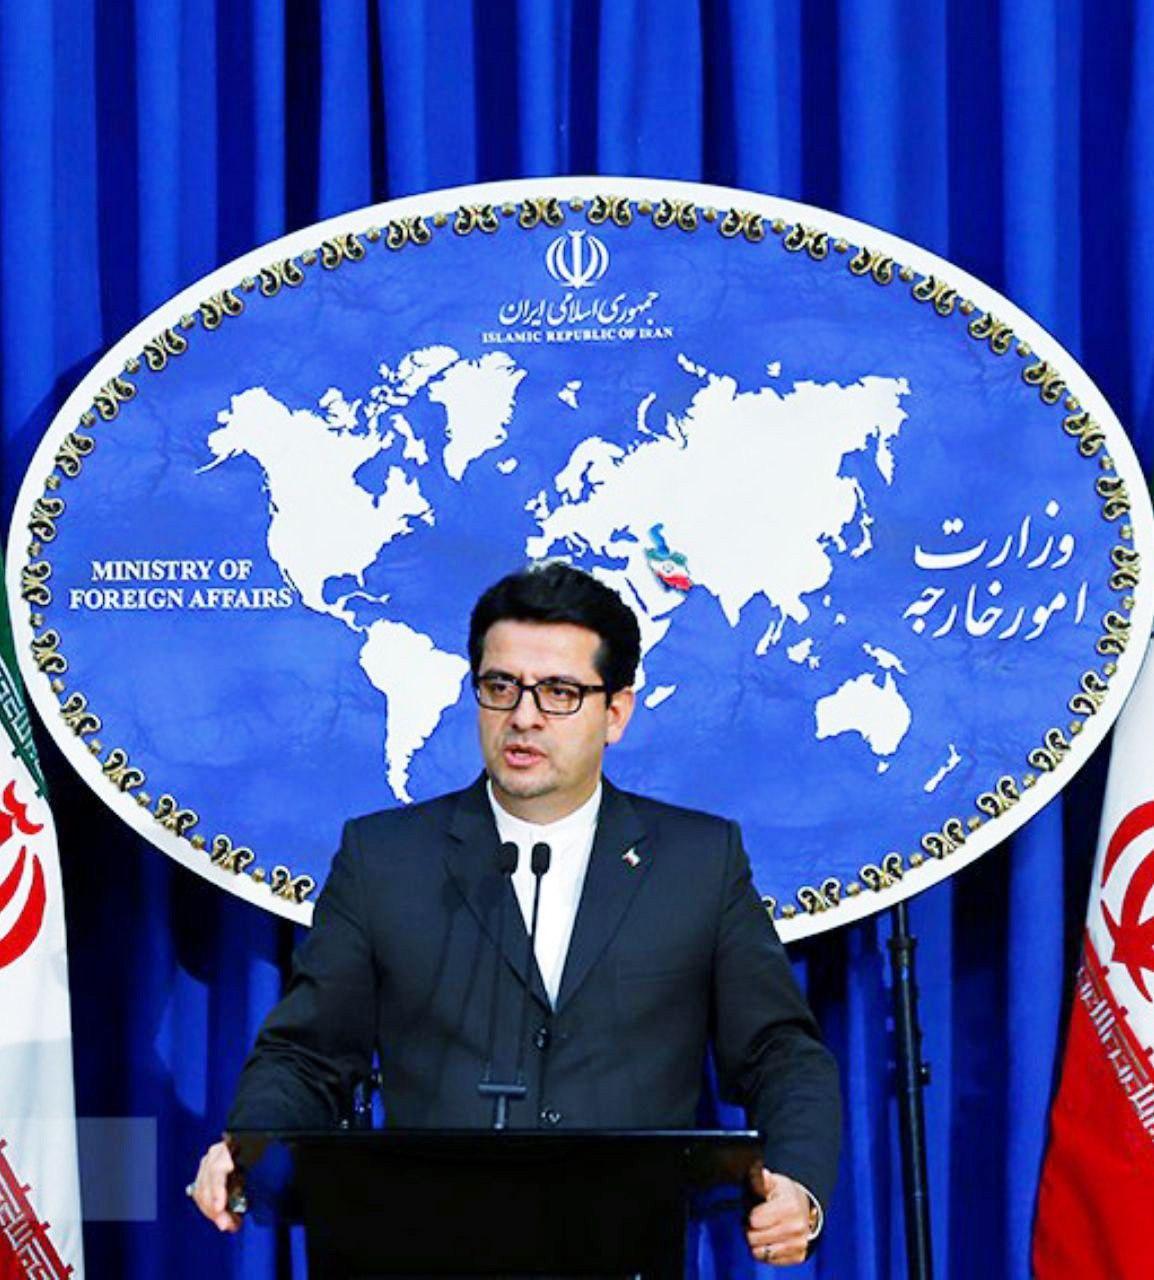 واکنش ایران به آغاز فرآیند حل اختلافات در برجام